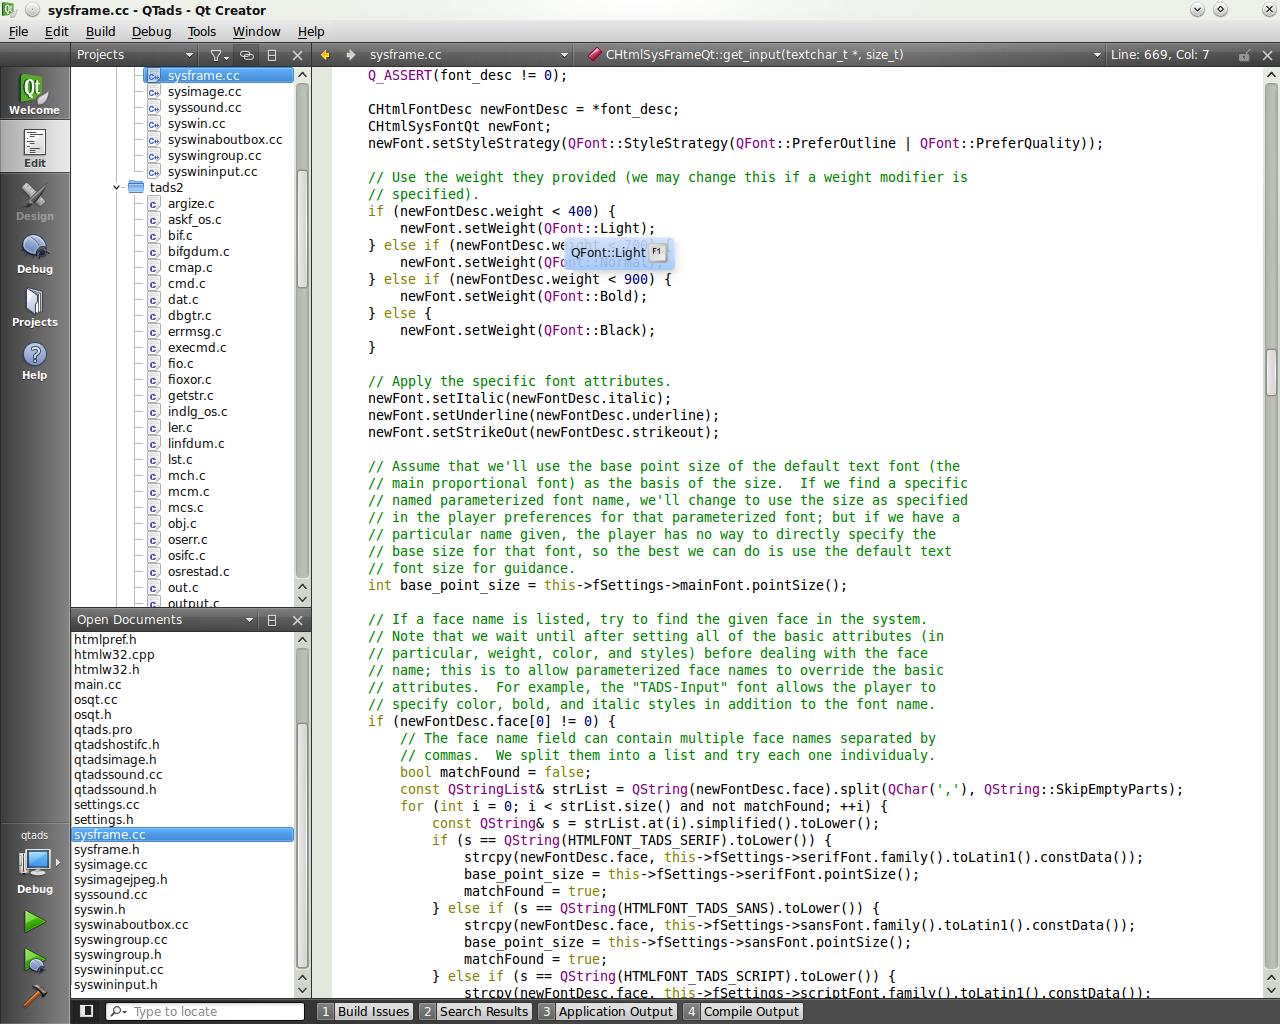 QtCreator-Linux-2.0.1